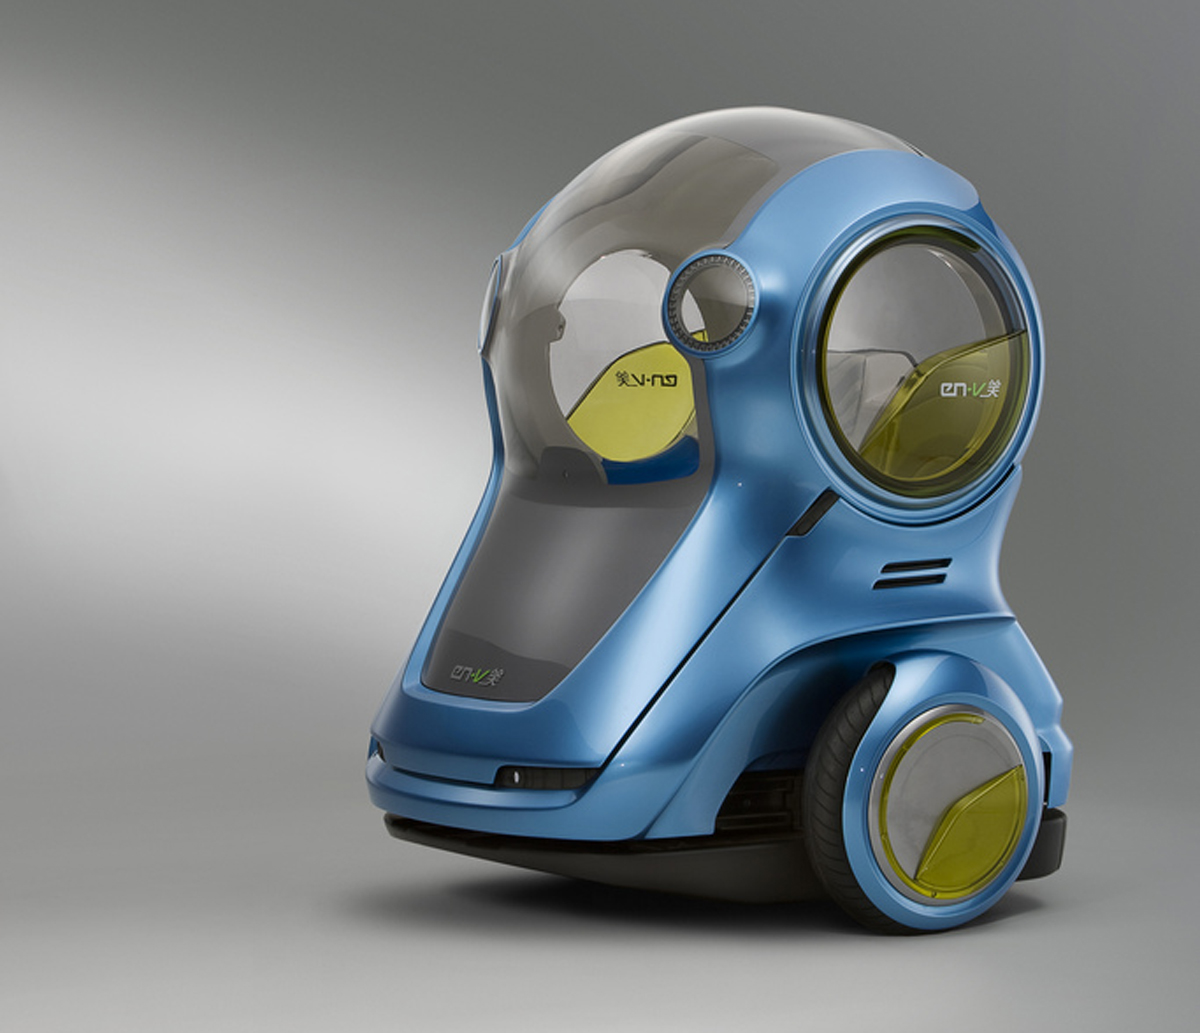 car, autonomous car, self-driving, AI, computers